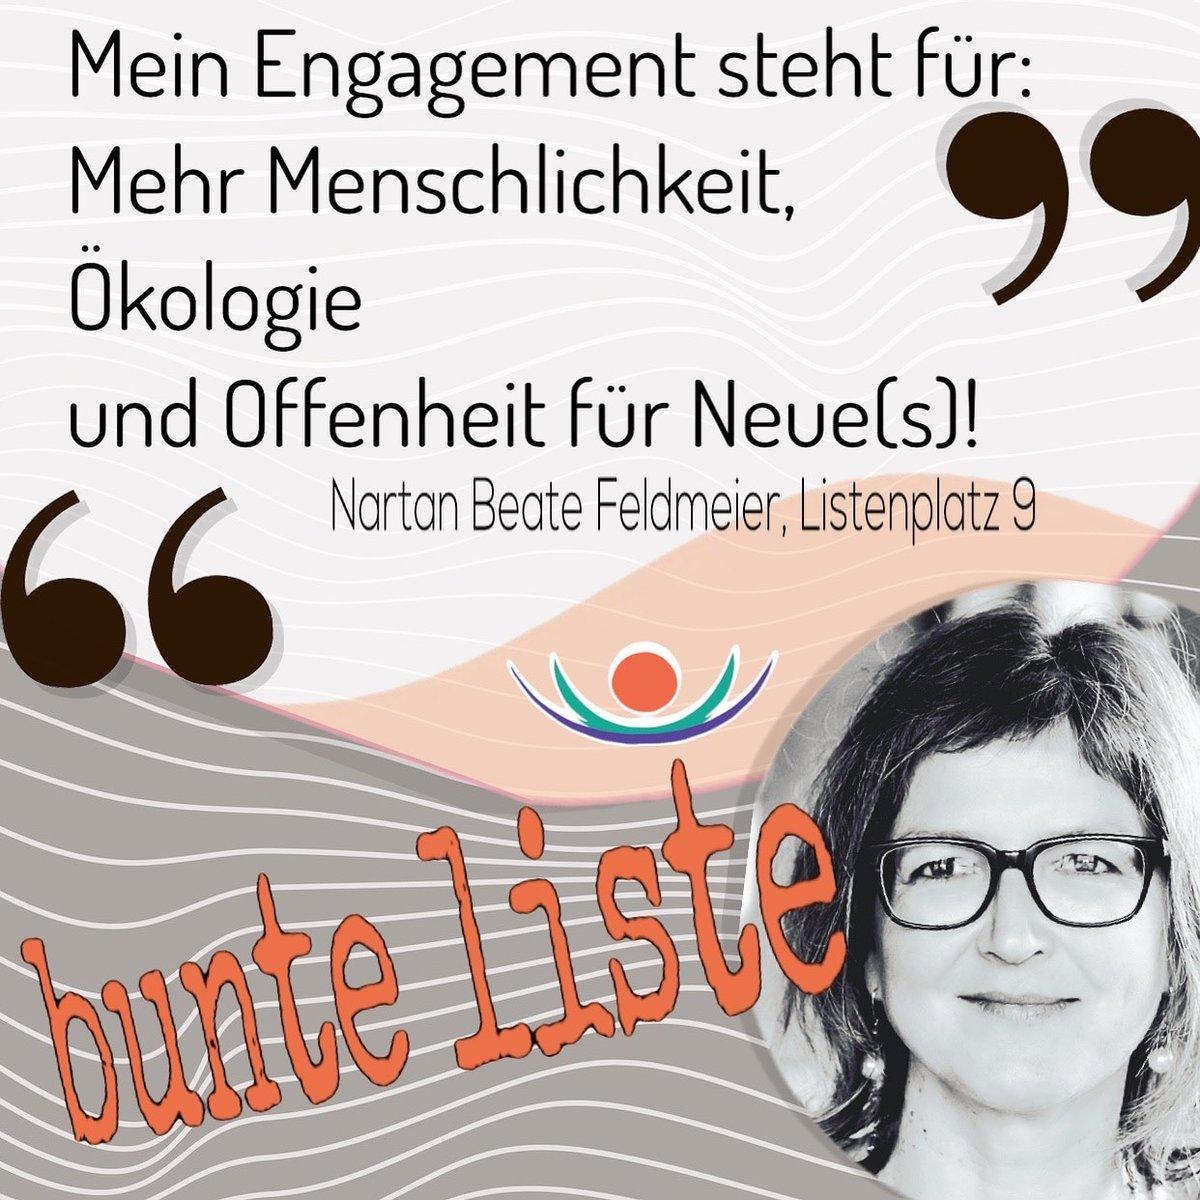 #BunteListe #BunteListeOberammergau #Oberammergau #Kommunalwahl2020 #unserekandidatinnenpic.twitter.com/yJS4nVpkSk